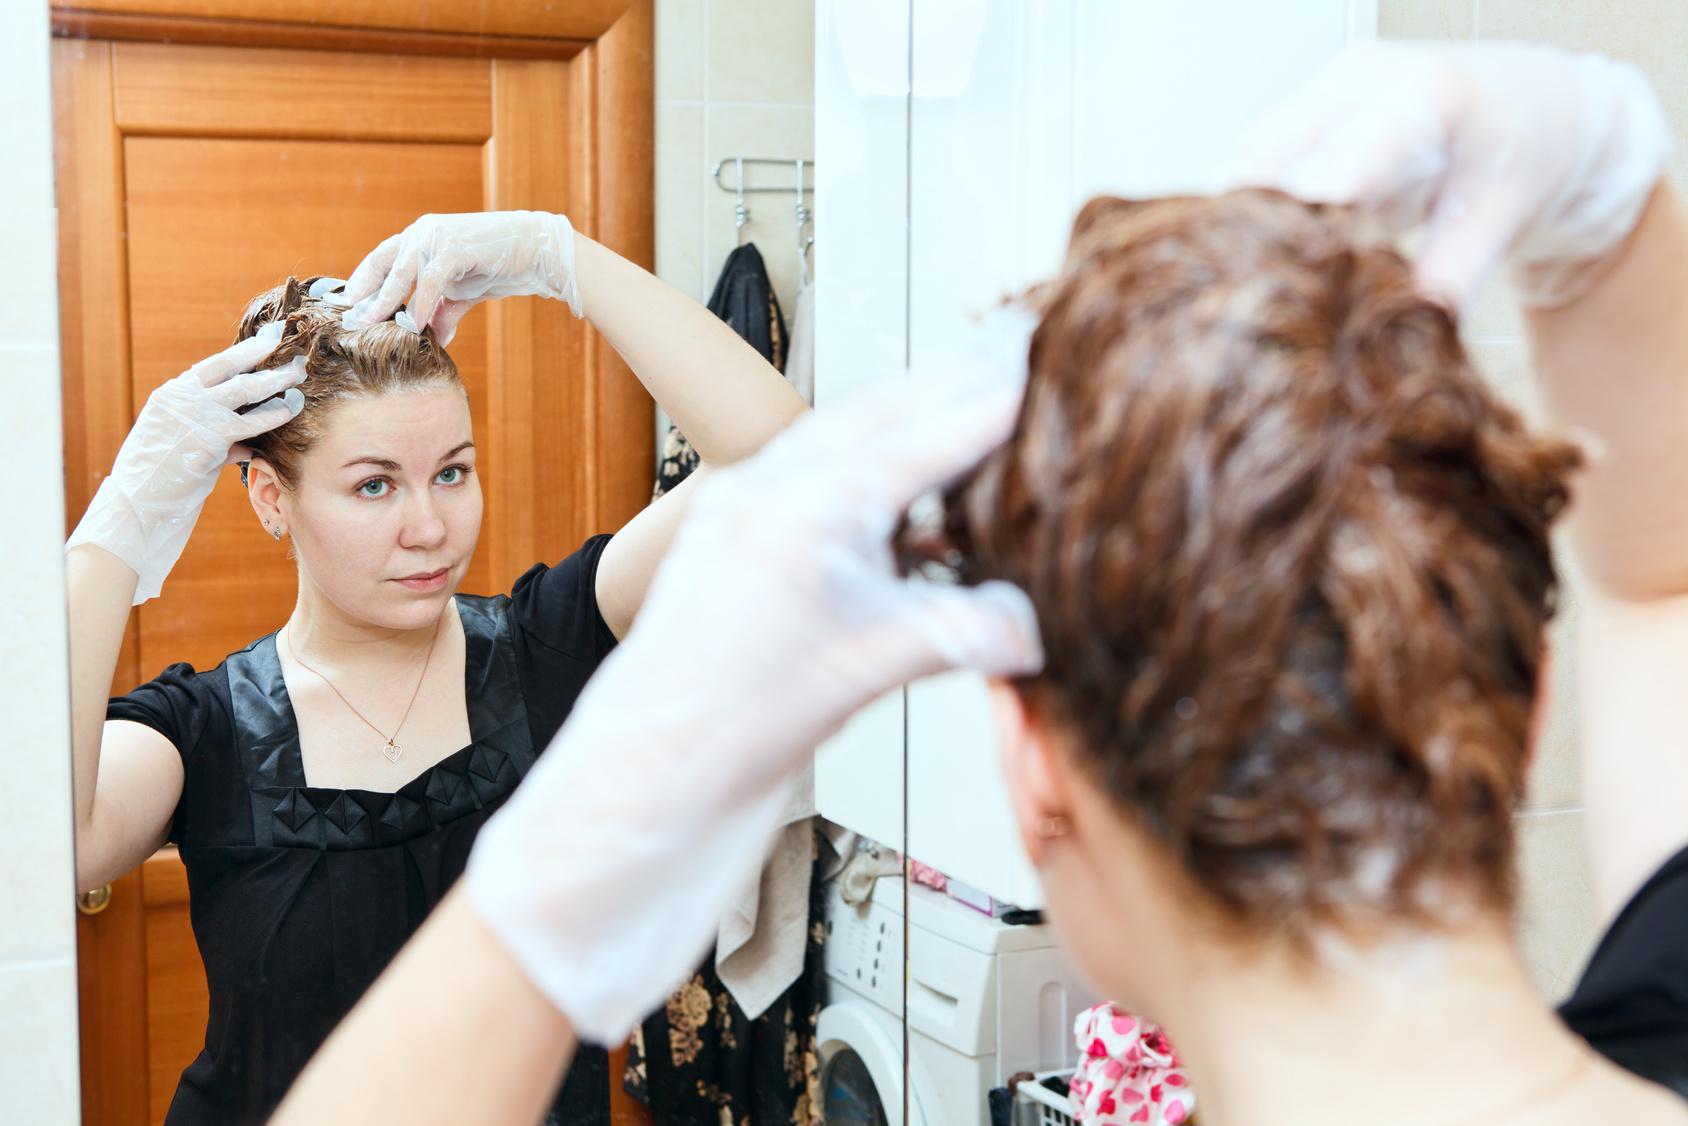 Окраска волос: как правильно красить волосы краской в 54